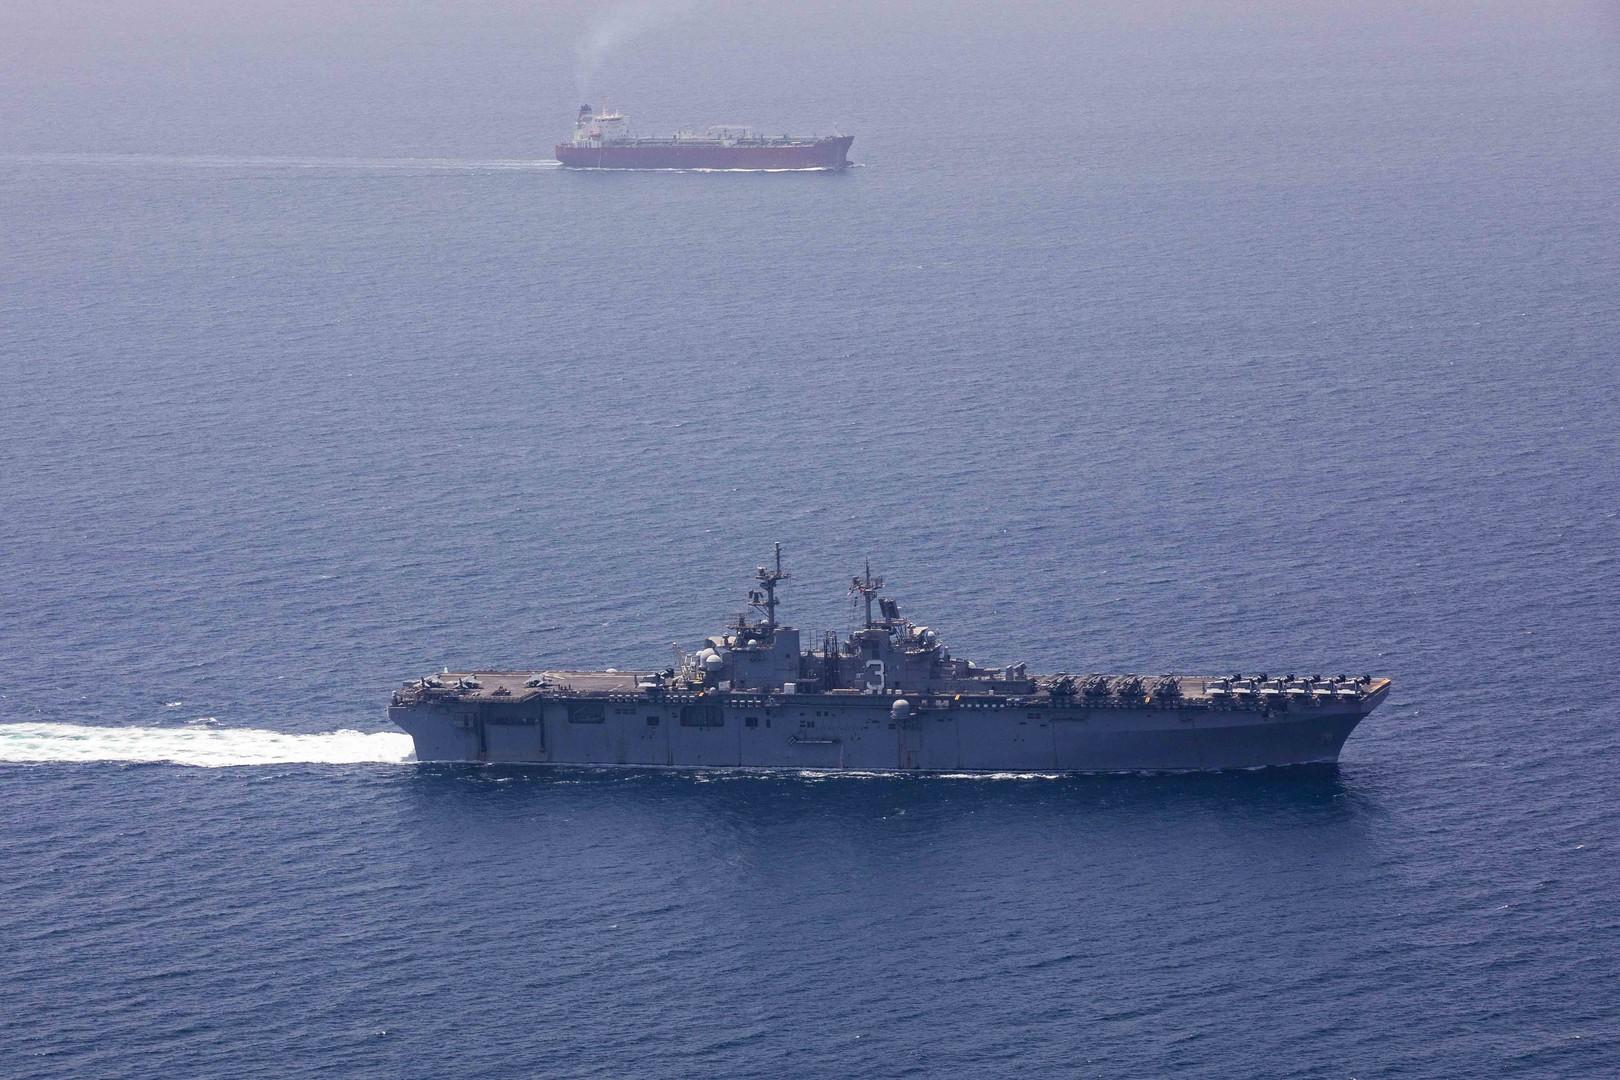 الولايات المتحدة ستندم على ظهور قوات بحرية صينية في الخليج